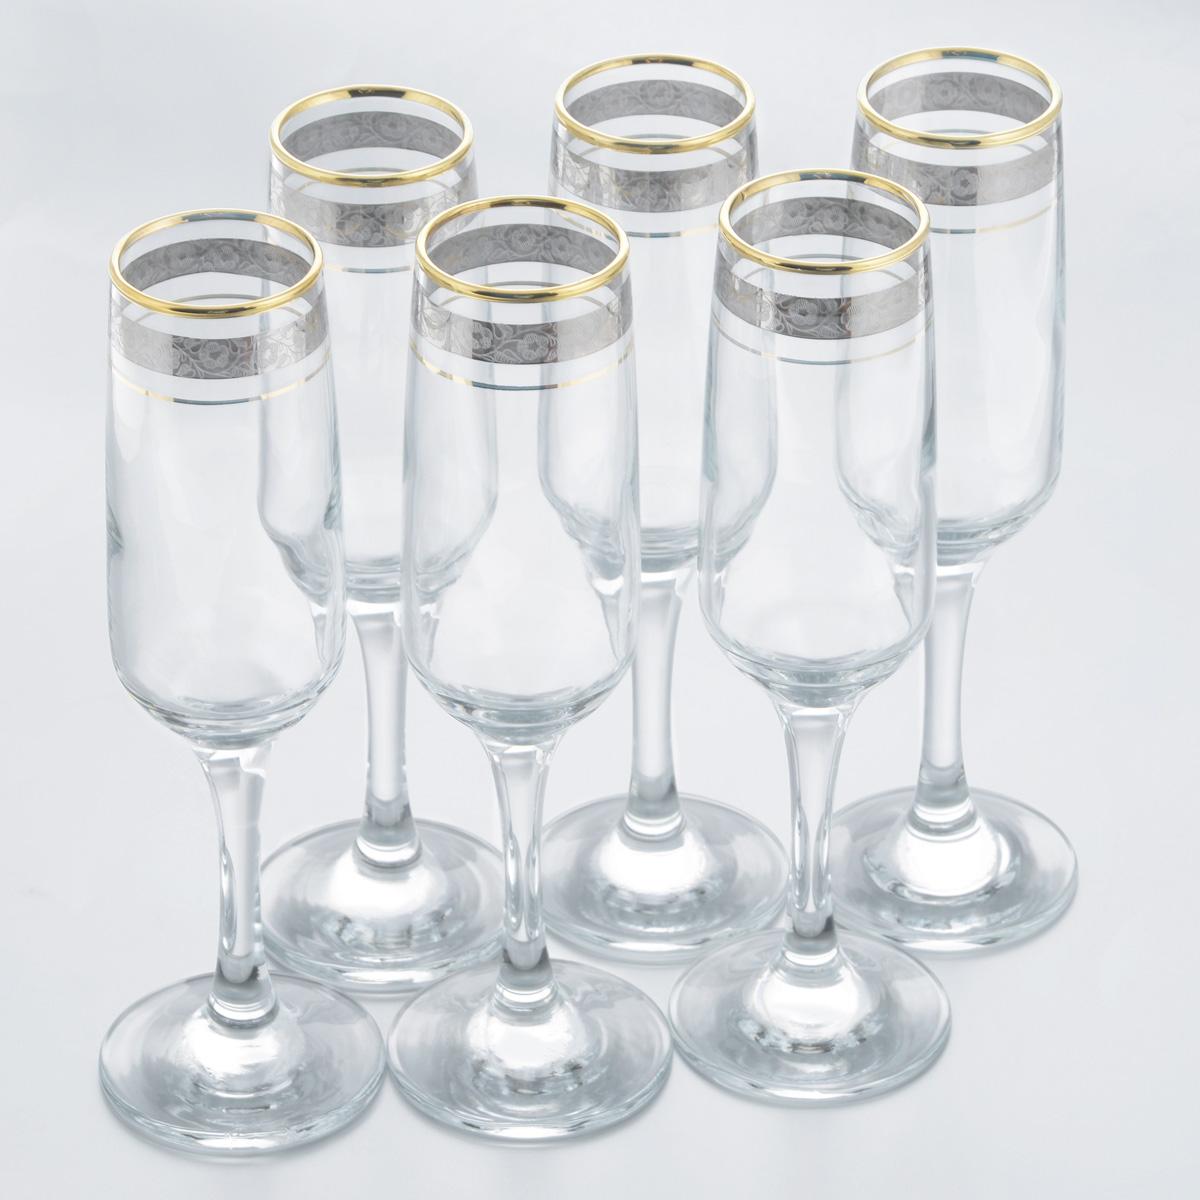 Набор бокалов Гусь Хрустальный Изабелла. Флорис, 250 мл, 6 штVT-1520(SR)Набор Гусь Хрустальный Изабелла. Флорис состоит из шести бокалов, выполненных из прочного натрий-кальций-силикатного стекла. Изящные бокалы на высоких ножках, декорированные золотистым орнаментом и окантовкой, прекрасно подойдут для подачи шампанского или вина. Бокалы излучают приятный блеск и издают мелодичный звон, сочетают в себе элегантный дизайн и функциональность. Набор бокалов Гусь Хрустальный Изабелла. Флориспрекрасно оформит праздничный стол и создаст приятную атмосферу за романтическим ужином. Такой набор также станет хорошим подарком к любому случаю. Можно мыть в посудомоечной машине или вручную с использованием моющих средств, не содержащих абразивных материалов.Диаметр бокала (по верхнему краю): 4,5 см. Высота бокала: 22 см. Диаметр основания: 7 см.